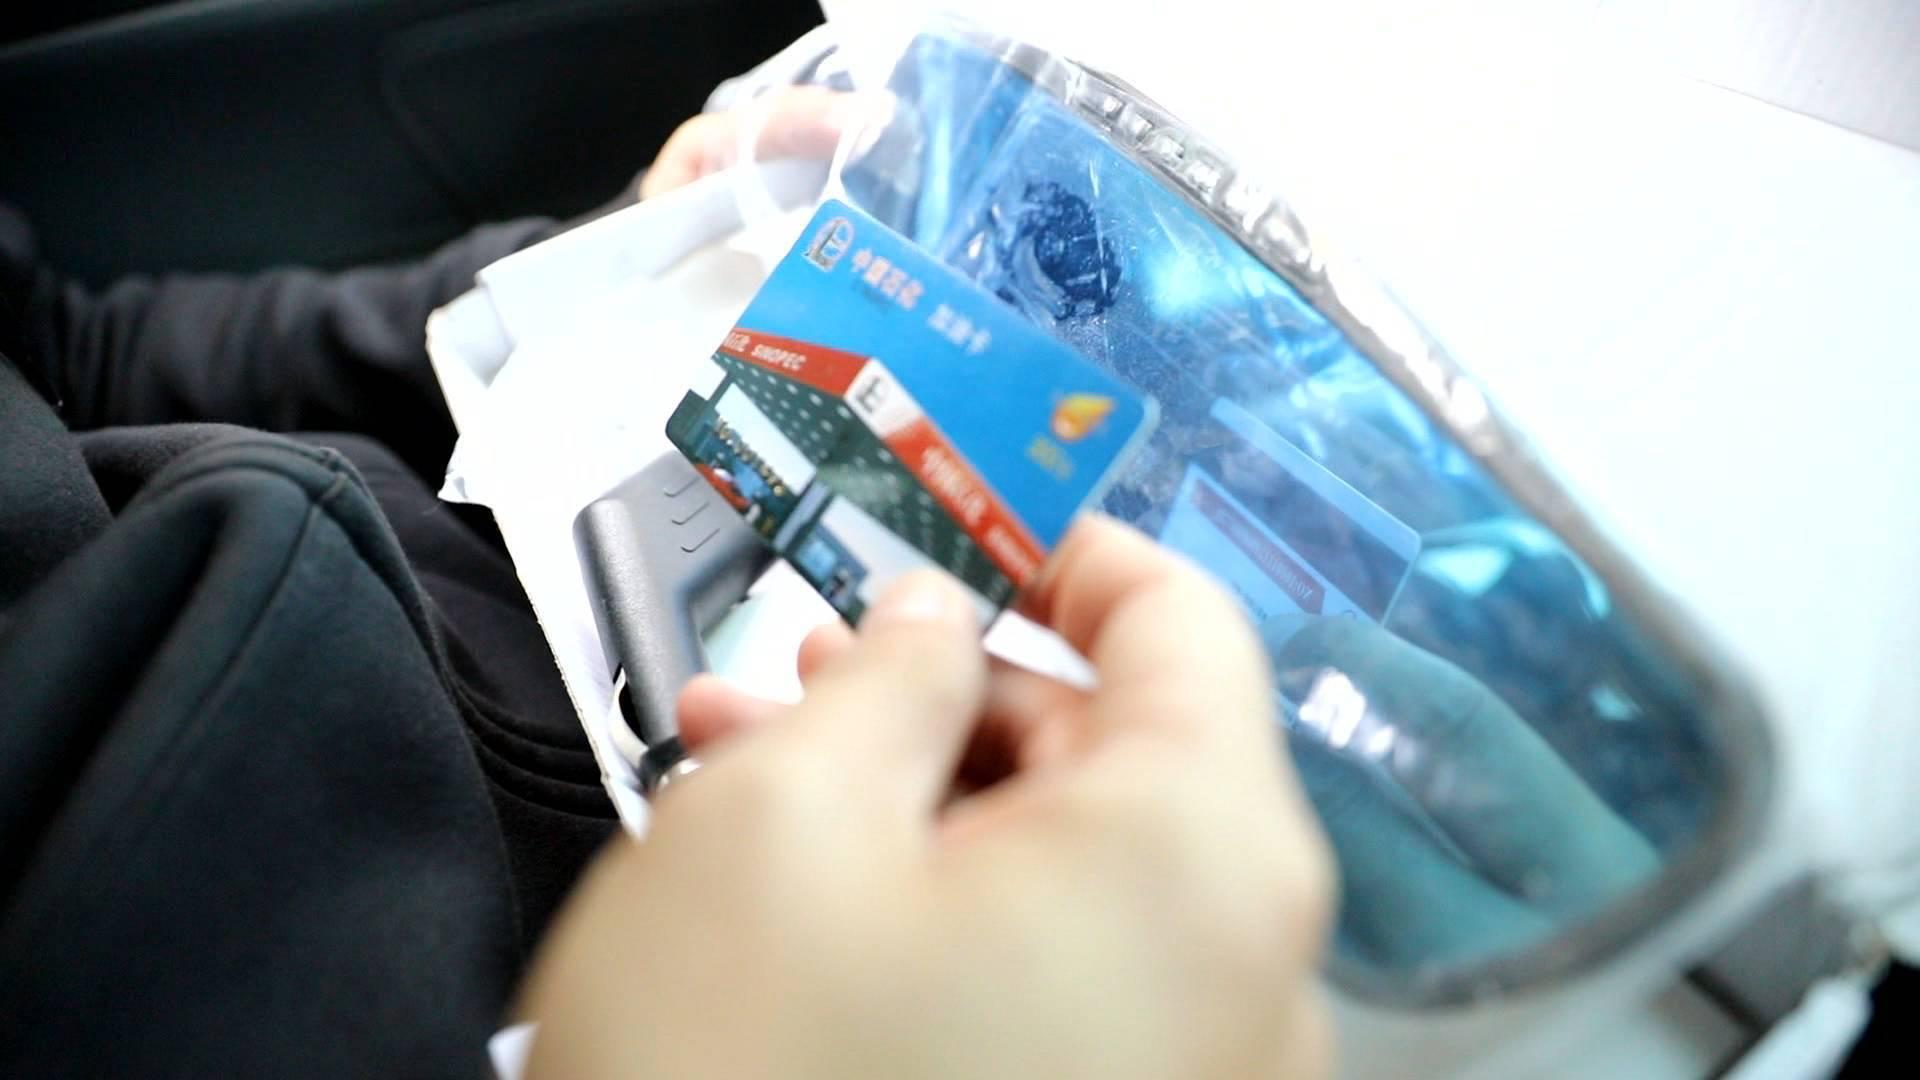 双十一收到包裹:299元送加油卡和行车记录仪?小心是诈骗!